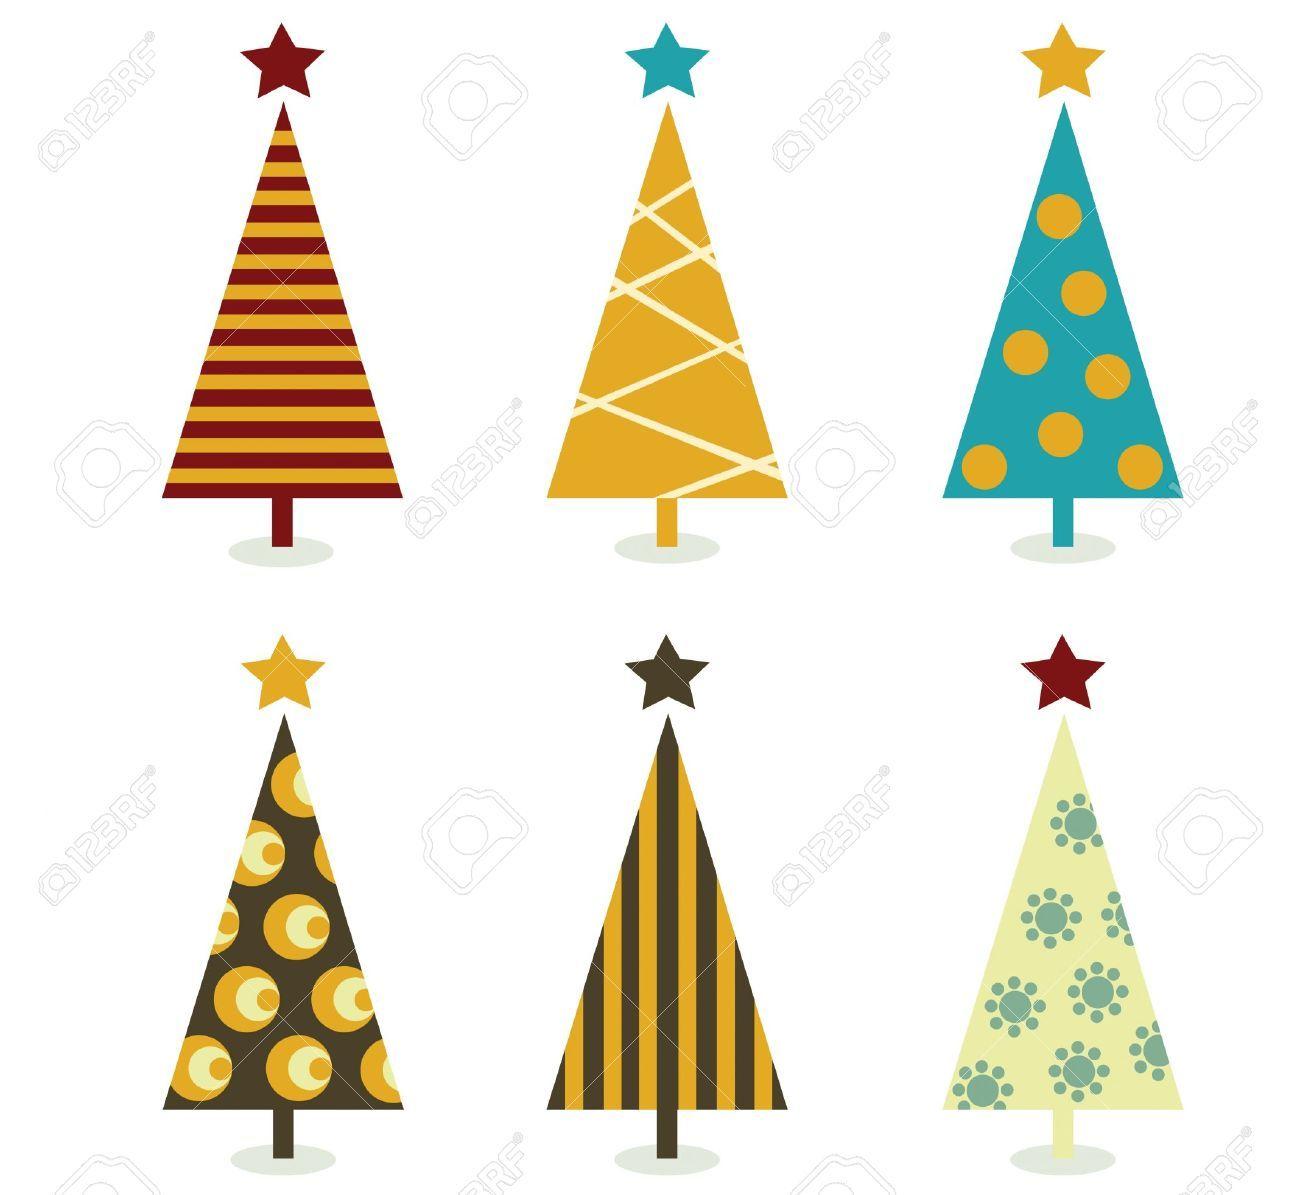 Retro Christmas Tree Elements Christmas Trees Design Elements Retro Christmas Tree Christmas Tree Images Christmas Tree Design